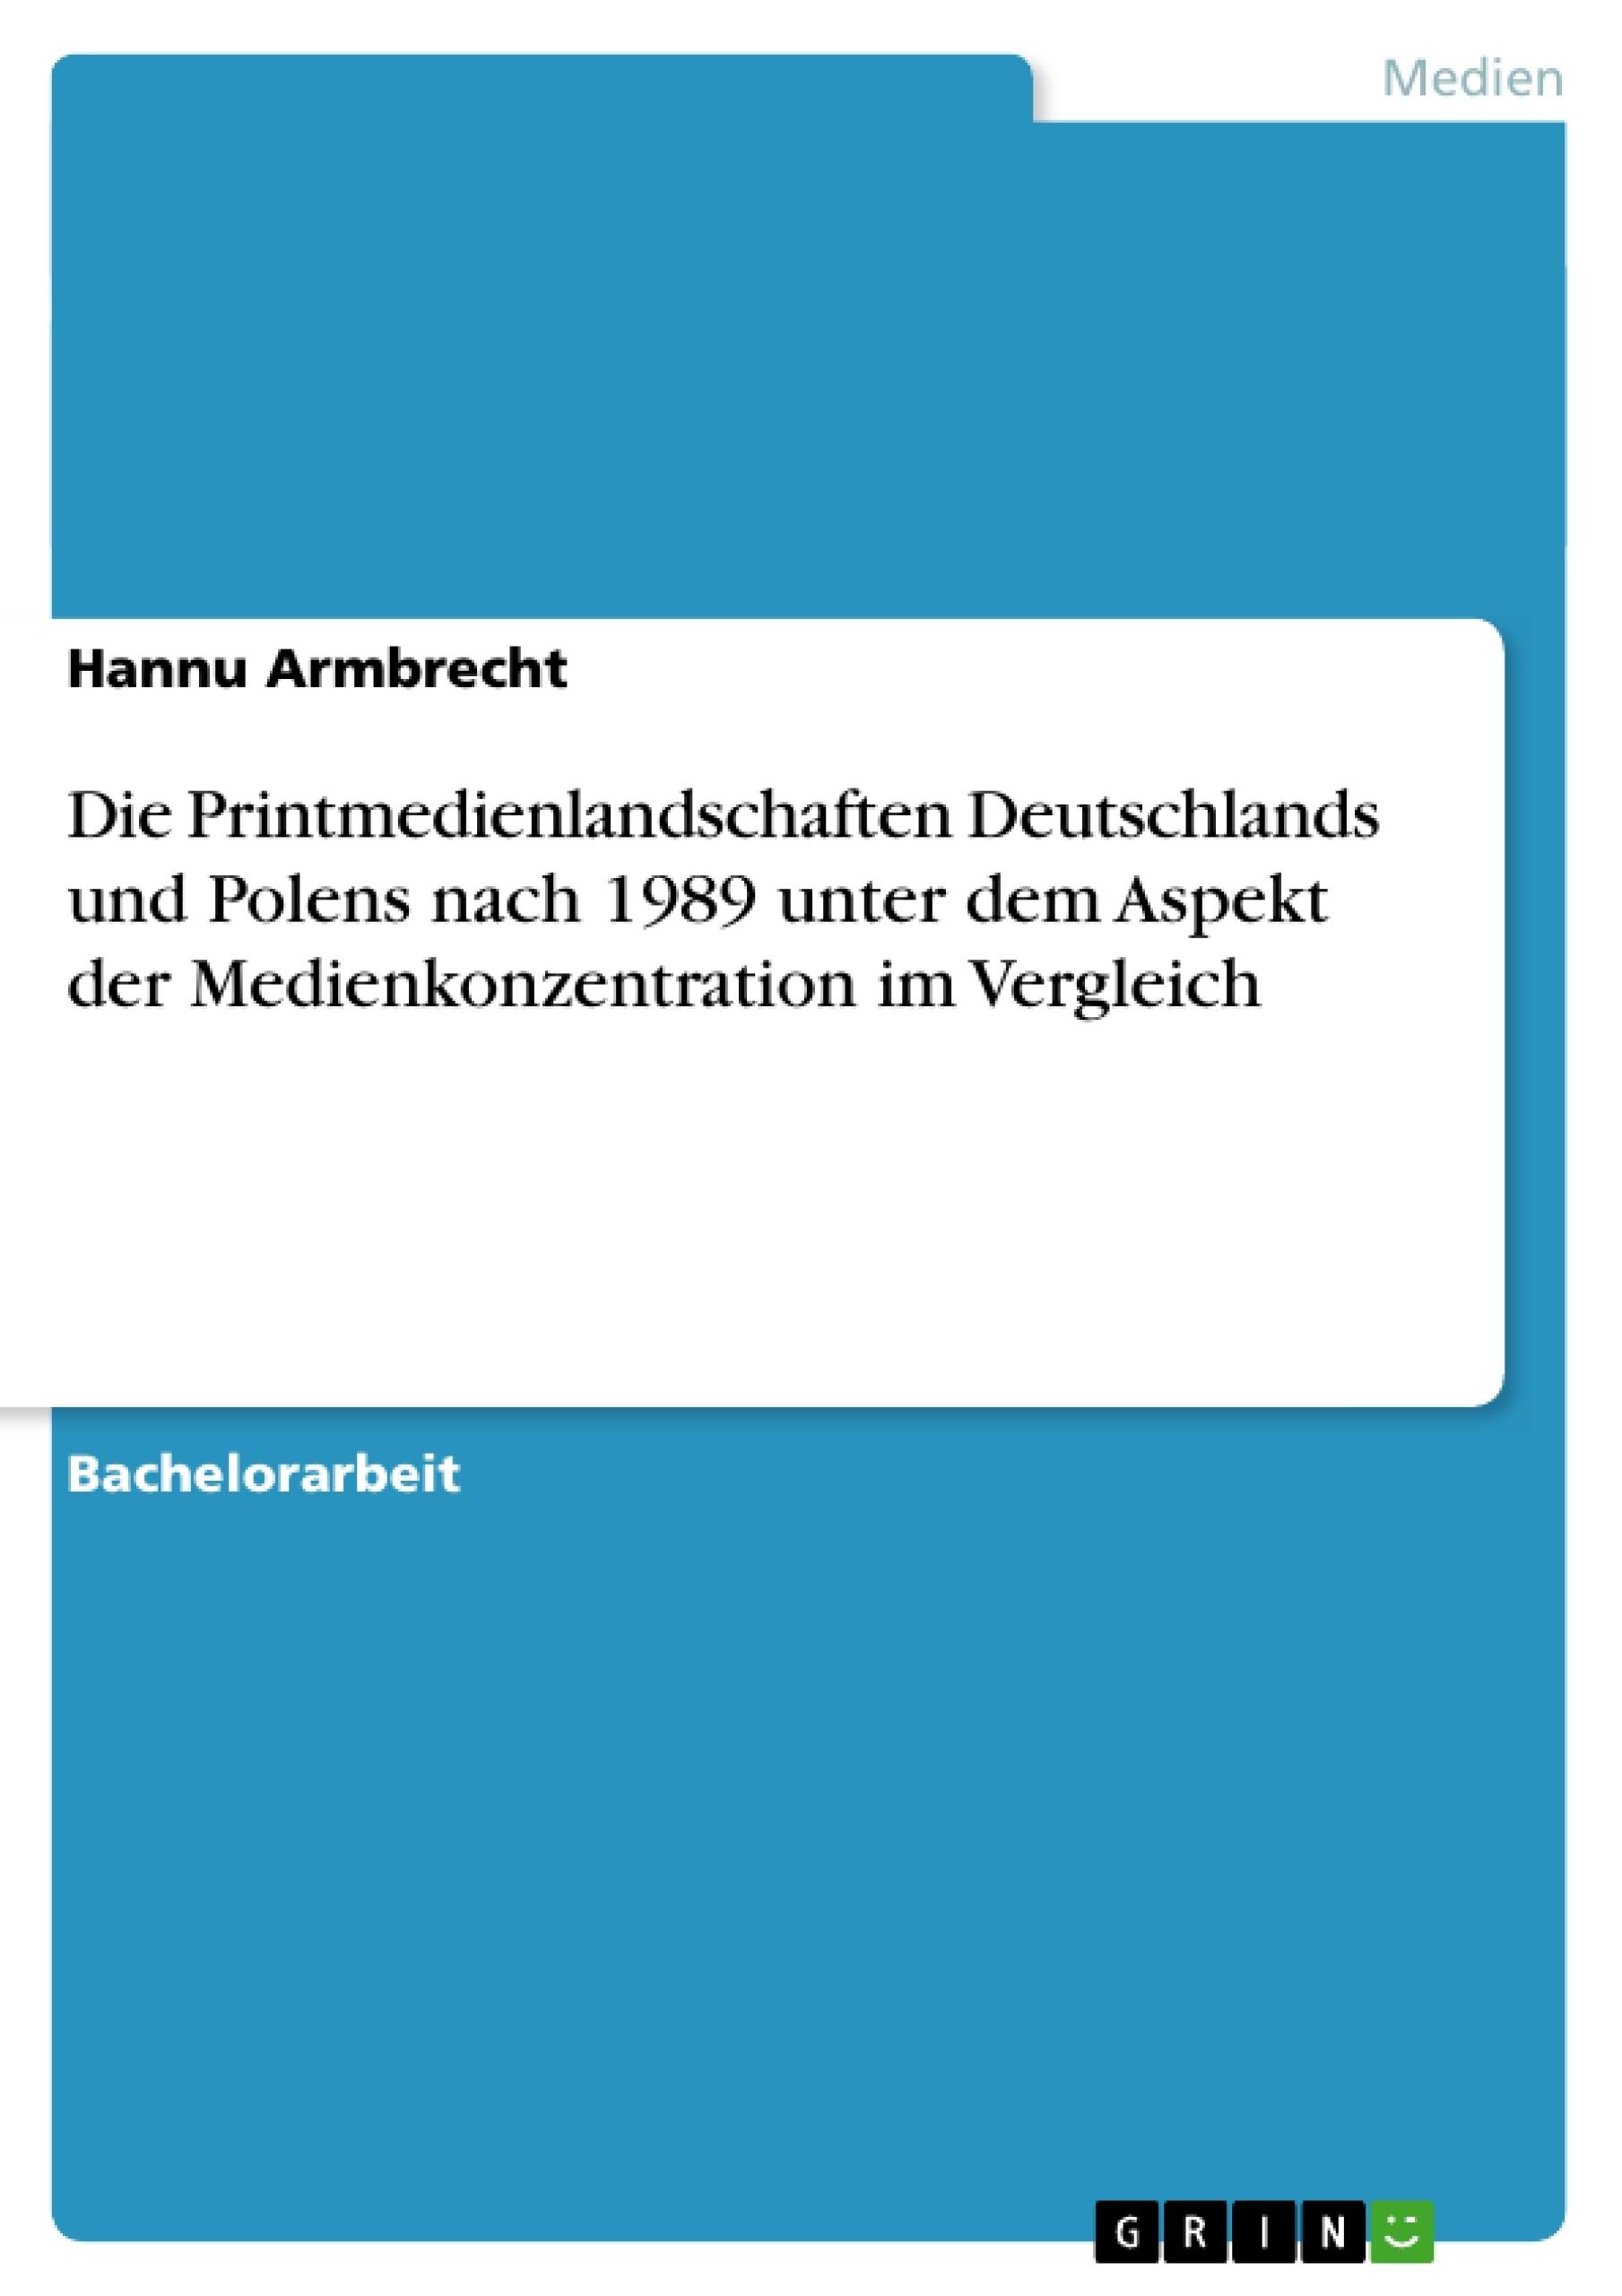 Titel: Die Printmedienlandschaften Deutschlands und Polens nach 1989 unter dem Aspekt der Medienkonzentration im Vergleich